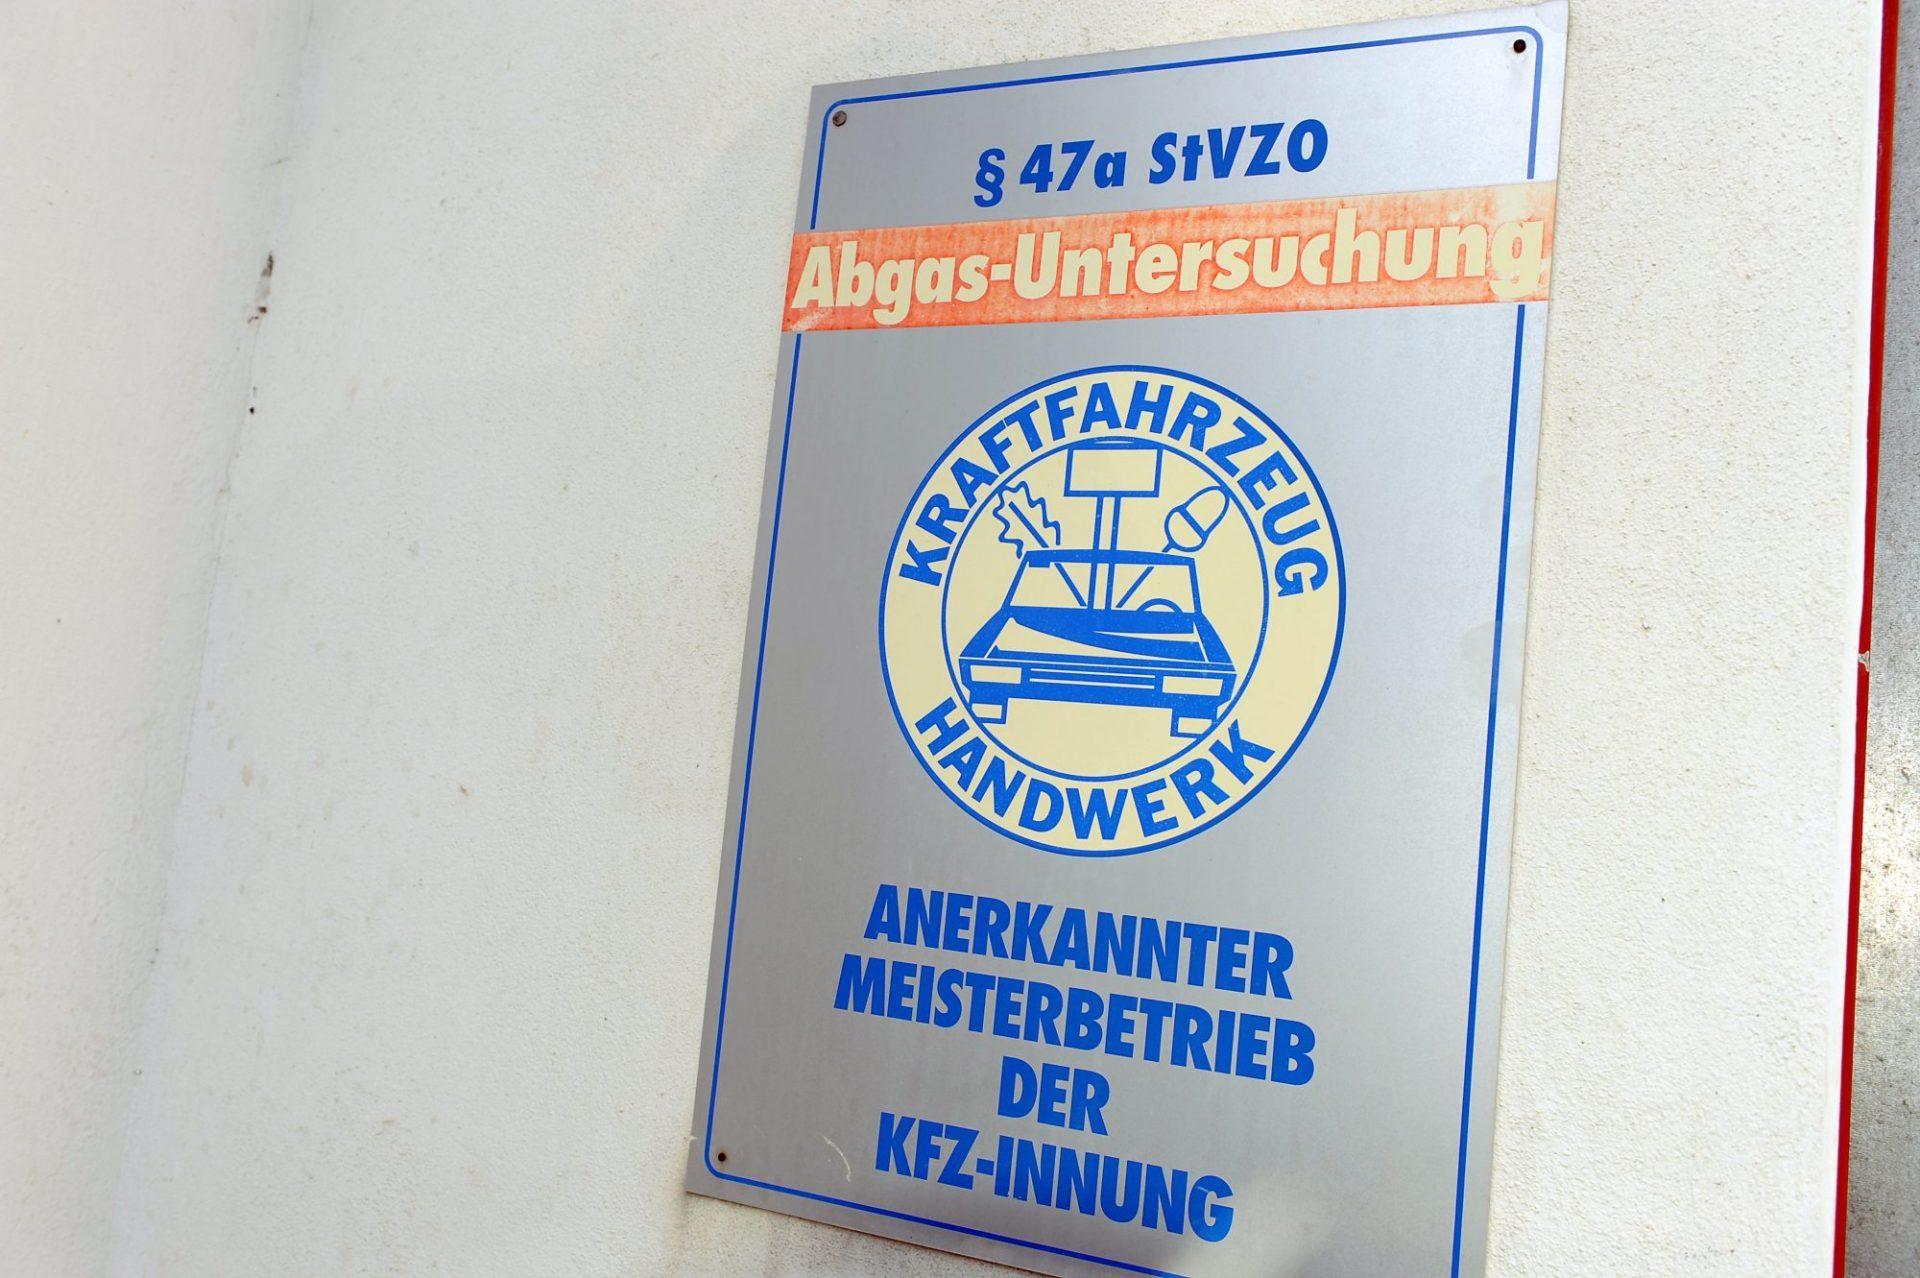 Abgas-Untersuchung nach §47aStVZO, Anerkannter Meisterbetrieb der KFZ-Innung